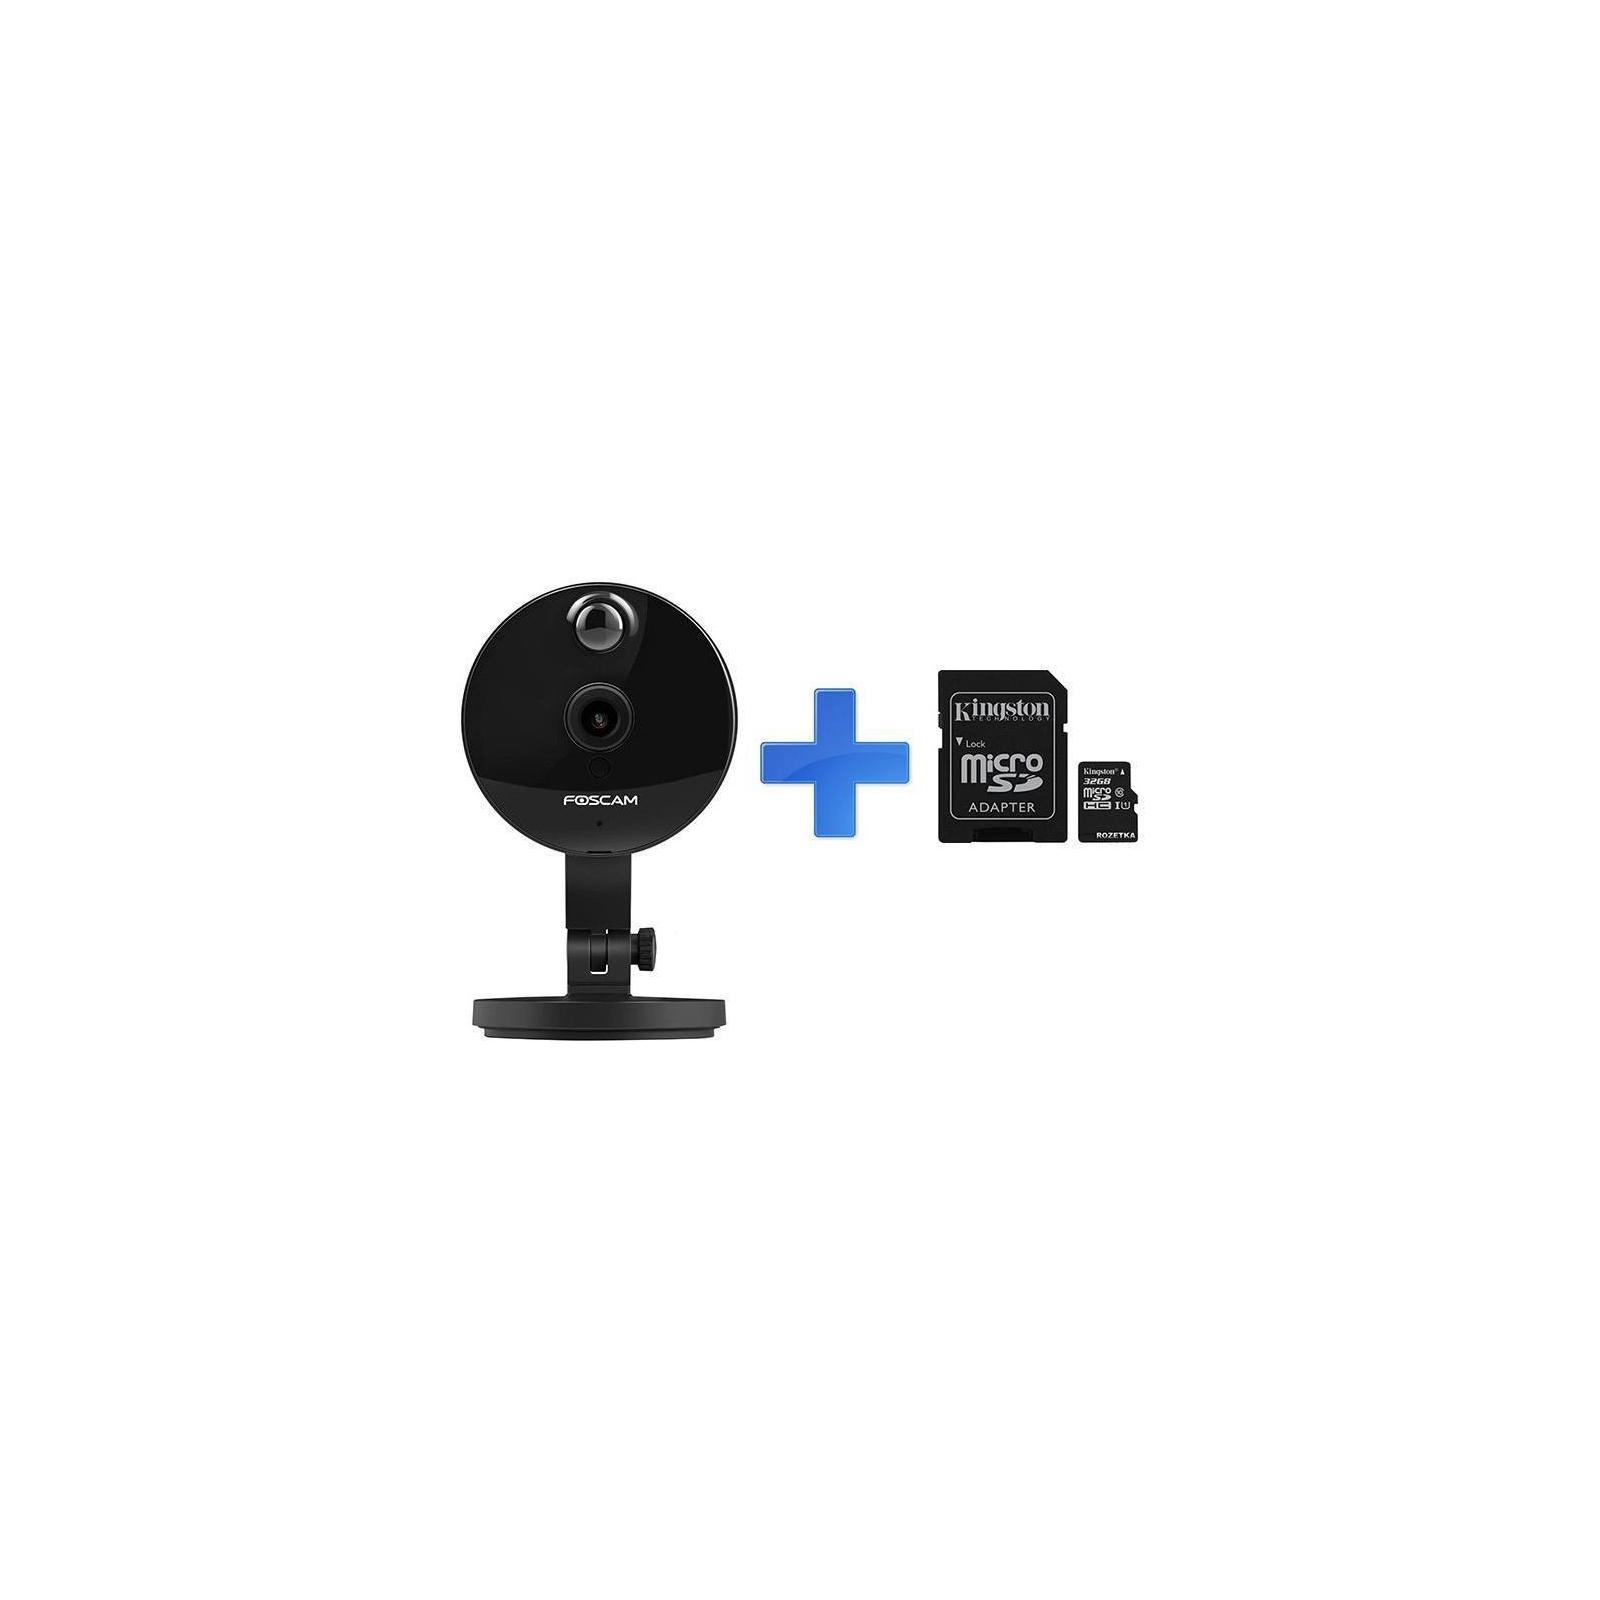 Камера видеонаблюдения Foscam C1 (6790) изображение 4